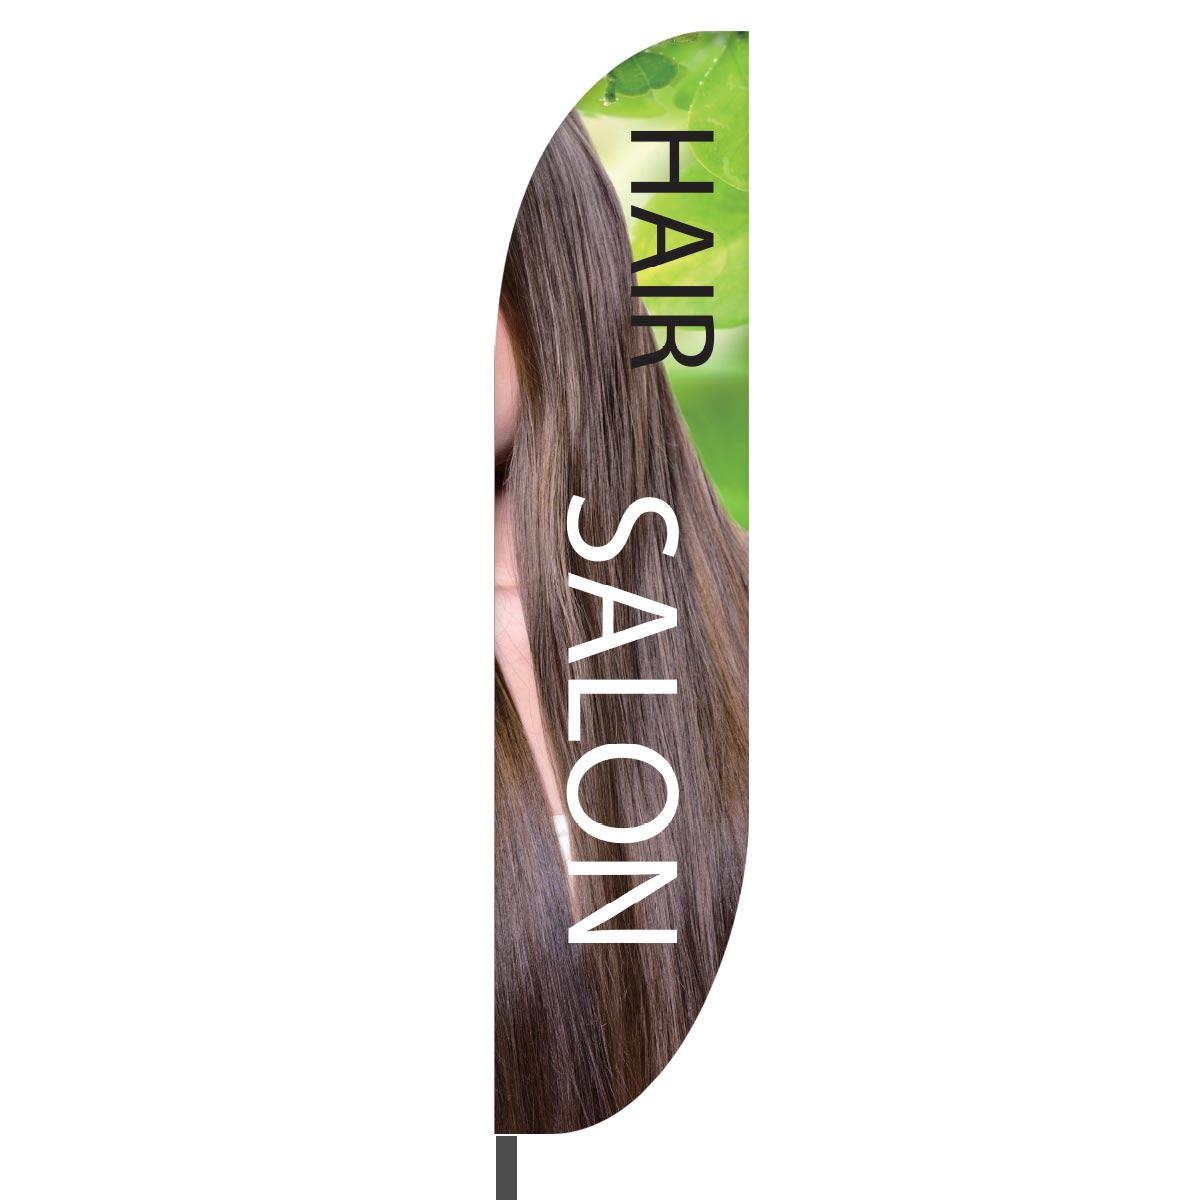 Hair Salon Feather Flag Design 01